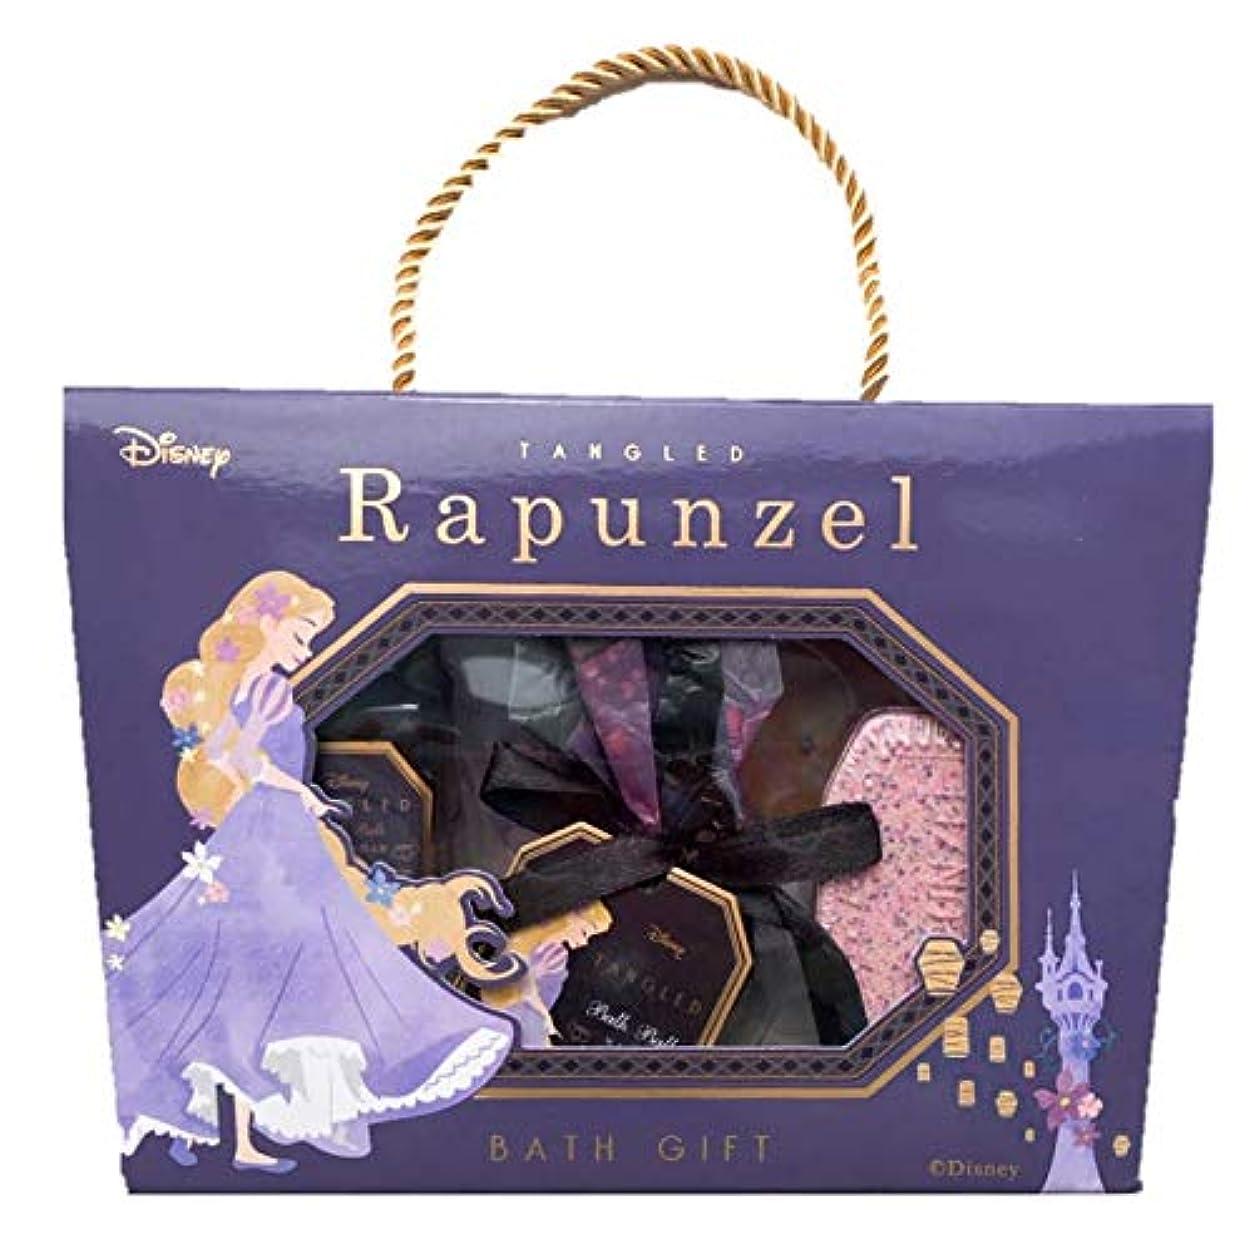 穏やかな巨人ガチョウディズニー(Disney)SHO-BI バスギフトM ギフトセット ラプンツェル ディズニープリンセス 塔の上のラプンツェル 入浴剤 ギフト バスギフトセット プレゼント 大人 女の子 かわいい Rapunzel